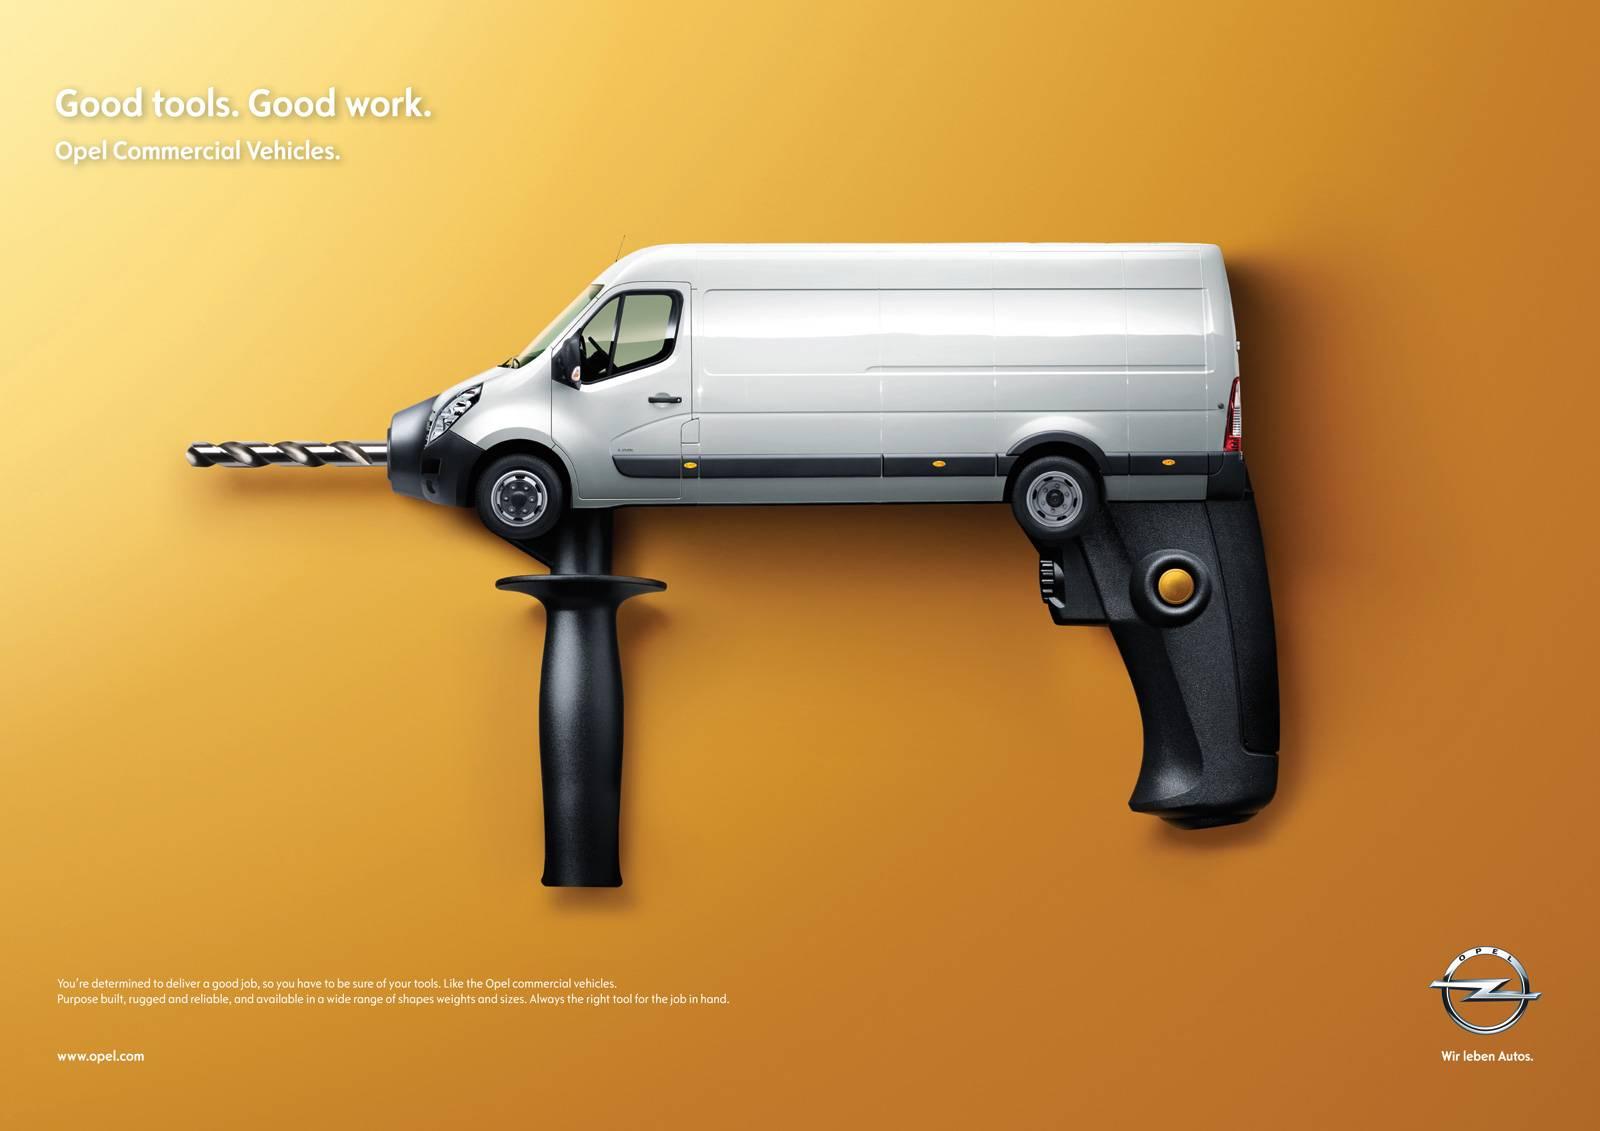 02_opel-drill-goodtools_goodwork